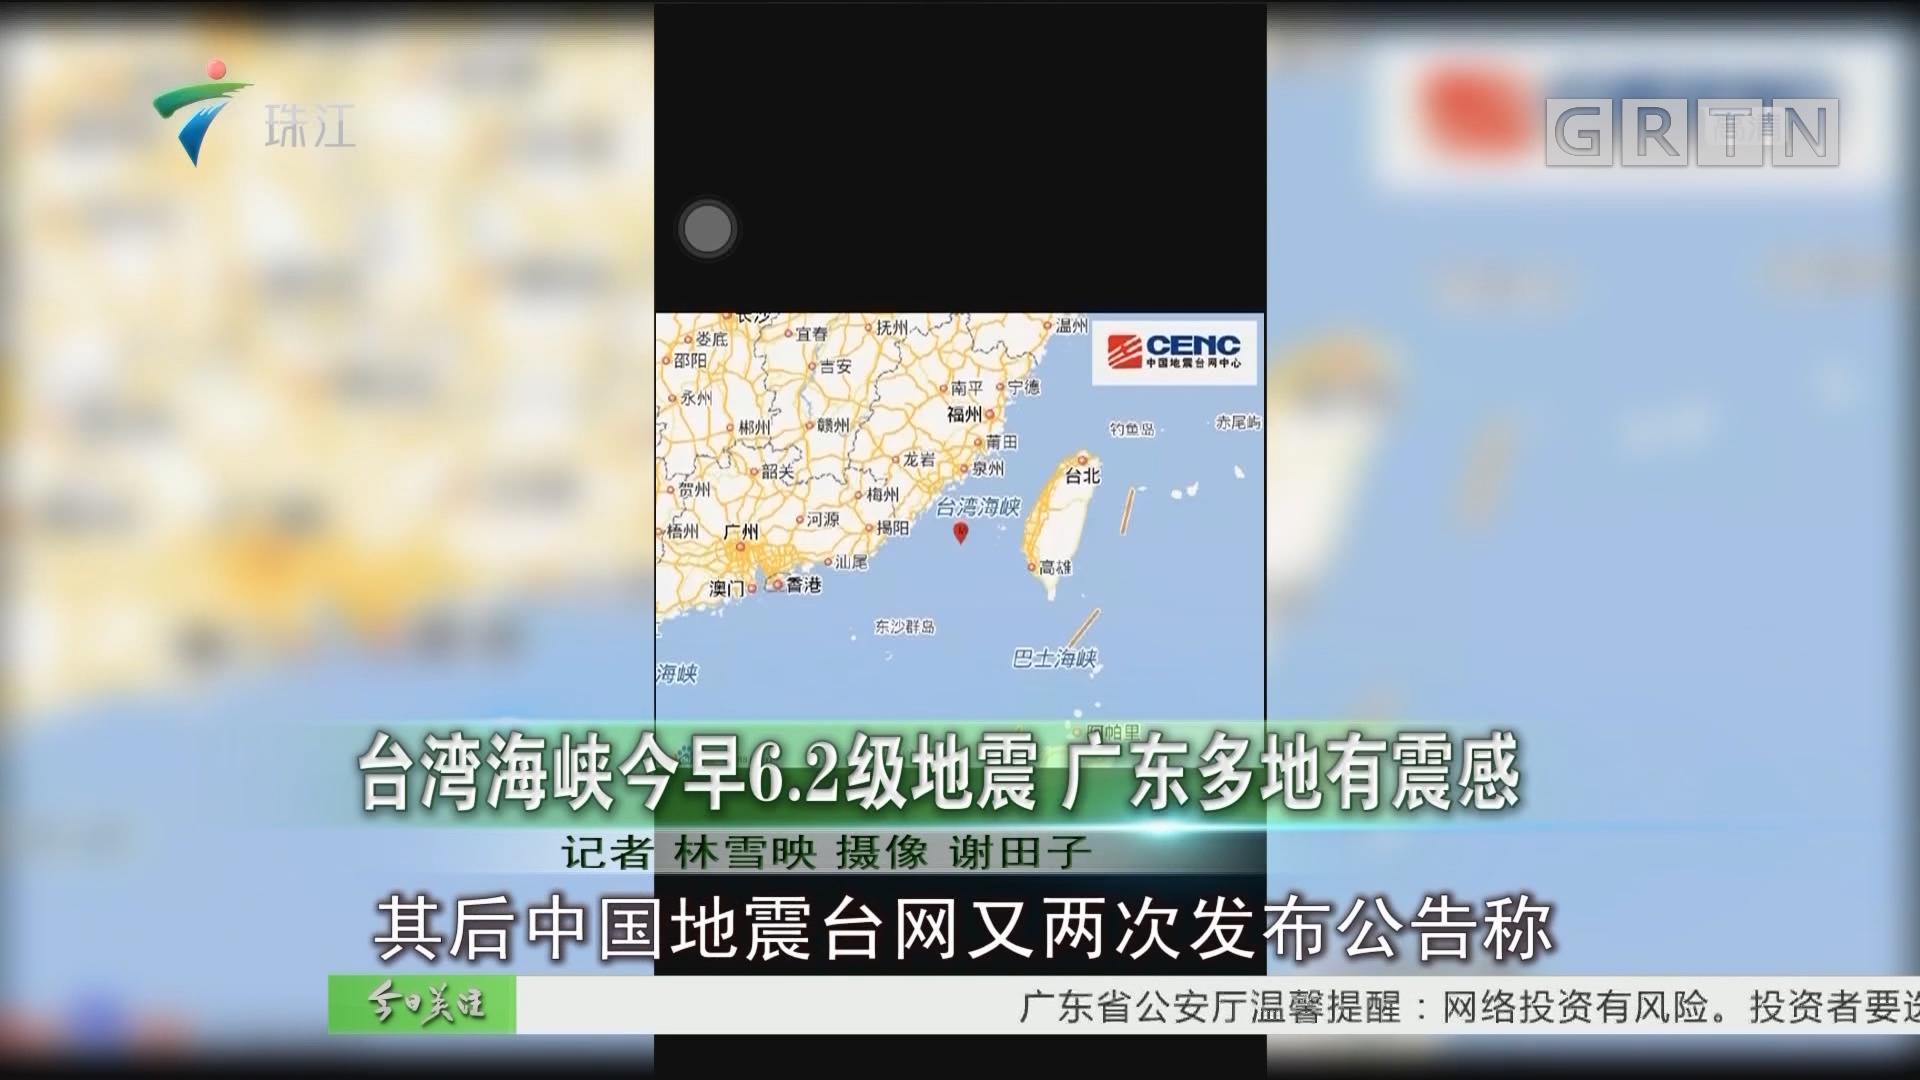 台湾海峡今早6.2级地震 广东多地有震感